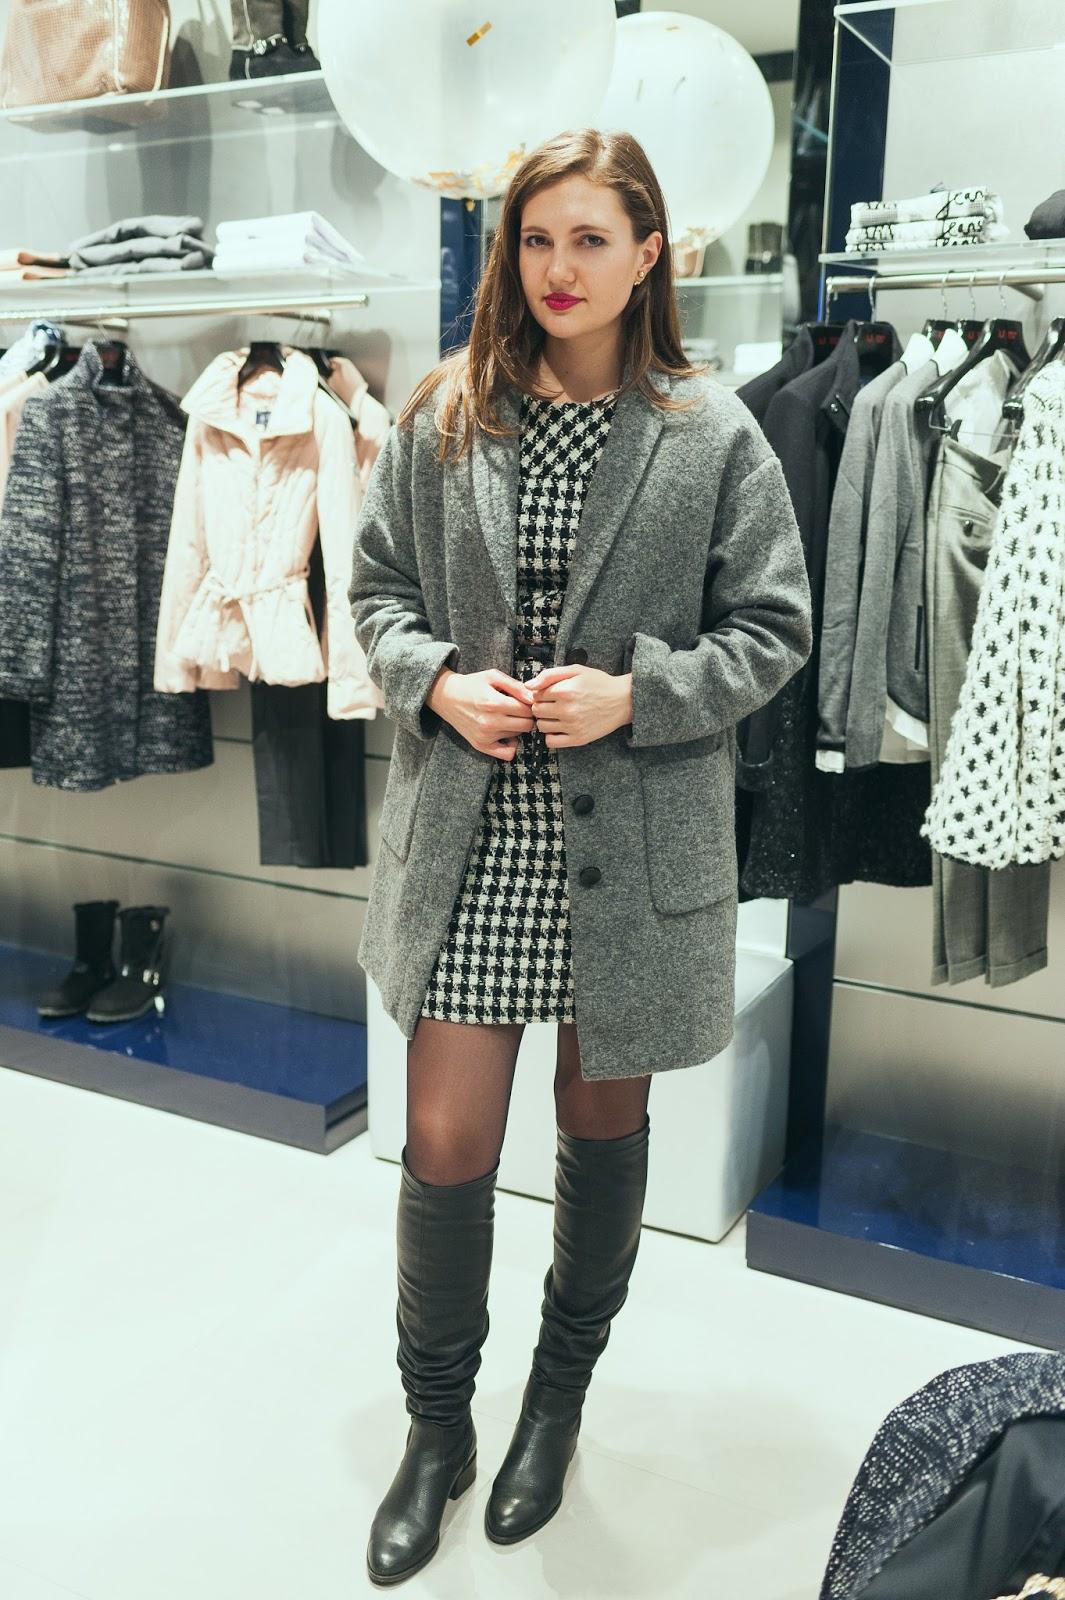 Эвелина Попова, открытие магазина, Armani Jeans, Sky Mall, fashion blogger, фешн блогер, серое пальто